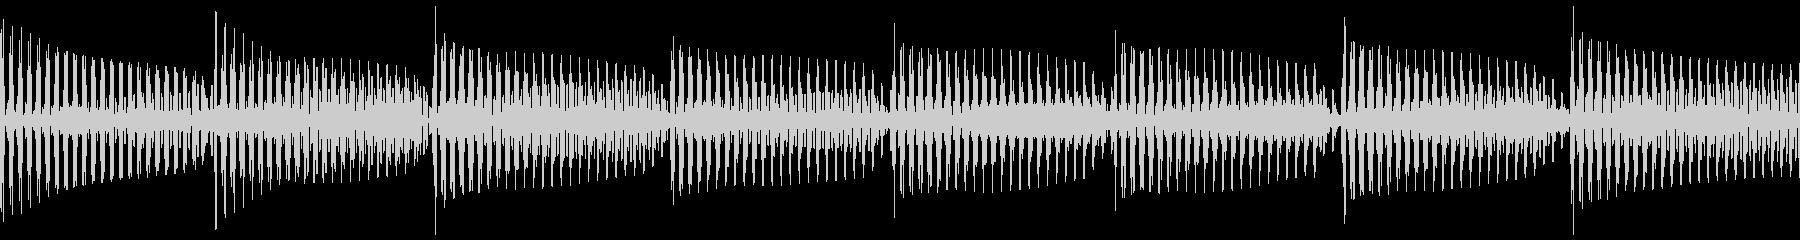 ベースピック弾き 4/4 80(ド)1の未再生の波形